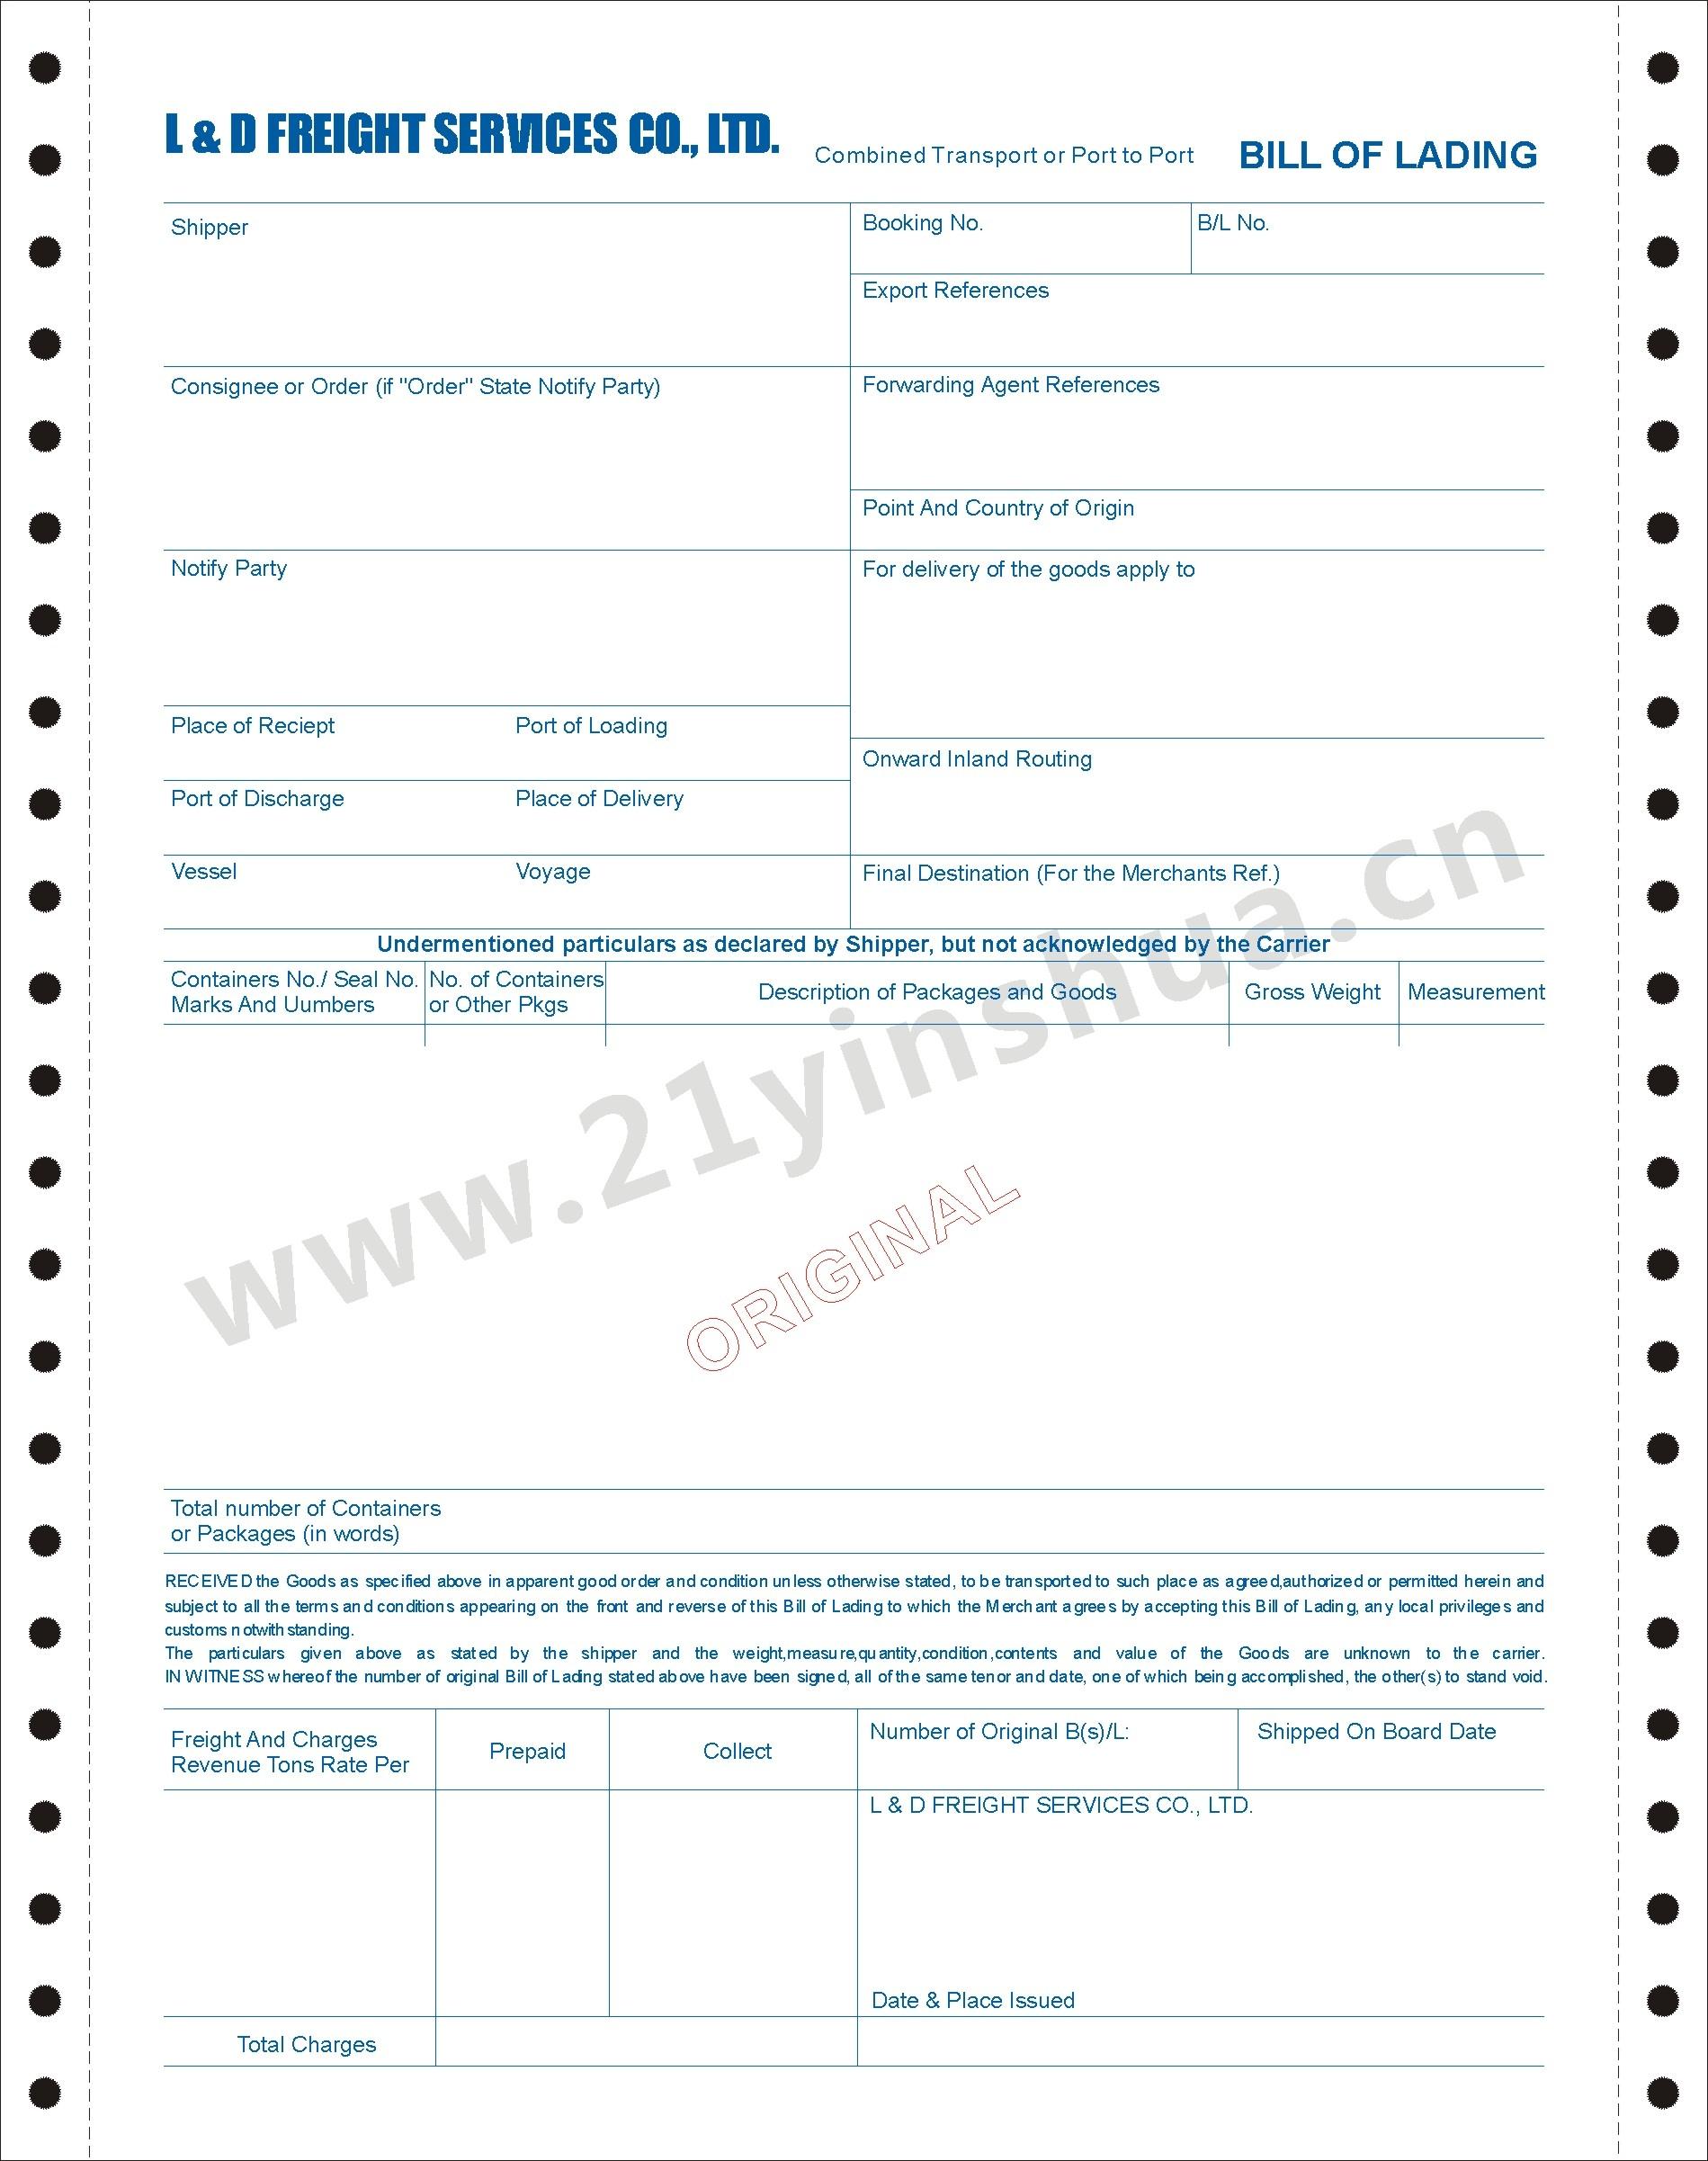 印刷定制海运提单 L & D FREIGHT SERVICES 成功案例上海蔚文印刷